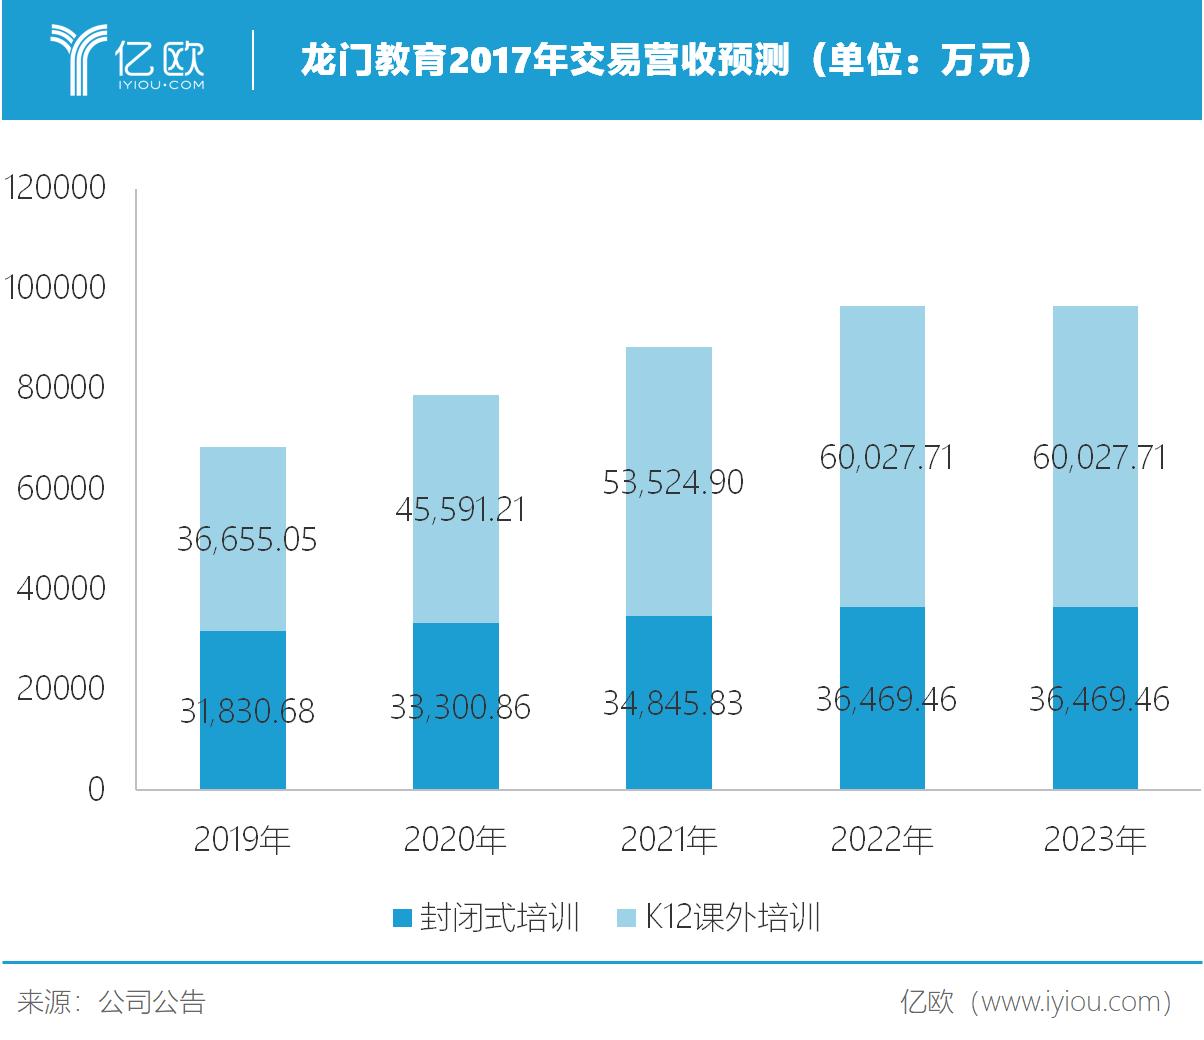 亿欧智库:龙门教育2017年交易营收预测